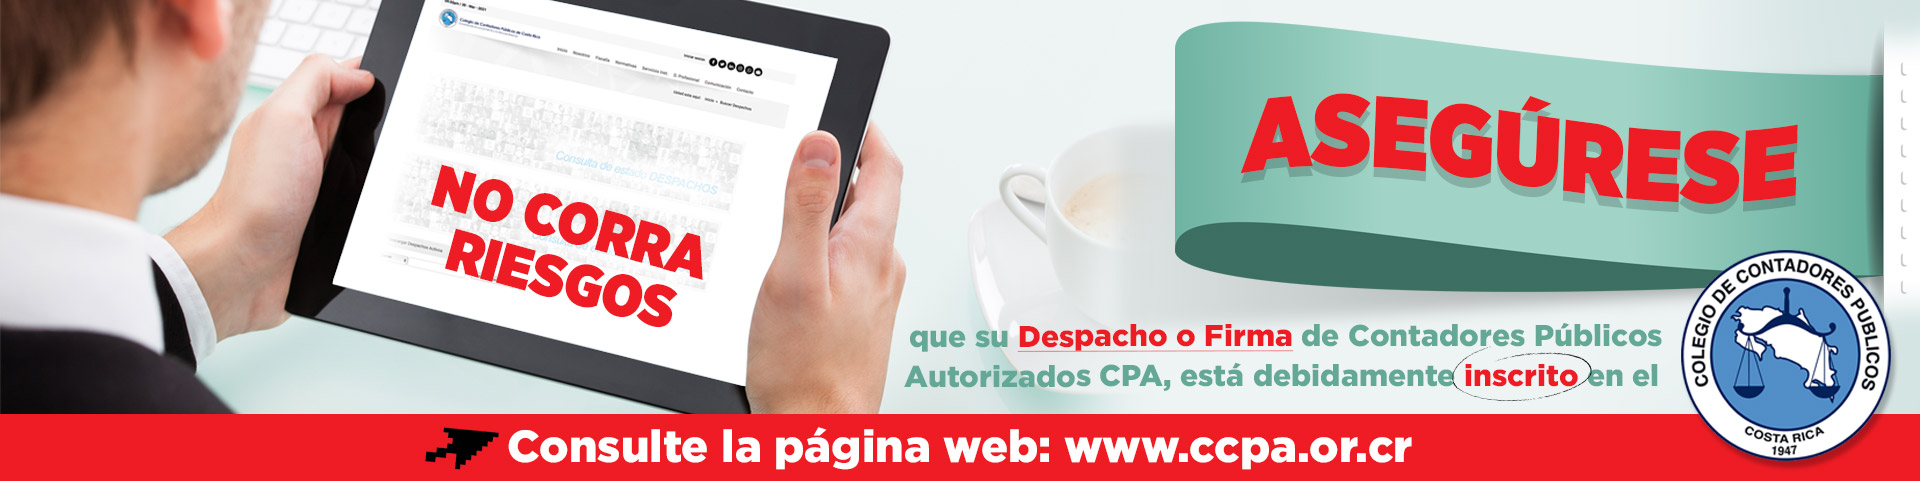 banner_despachos_www